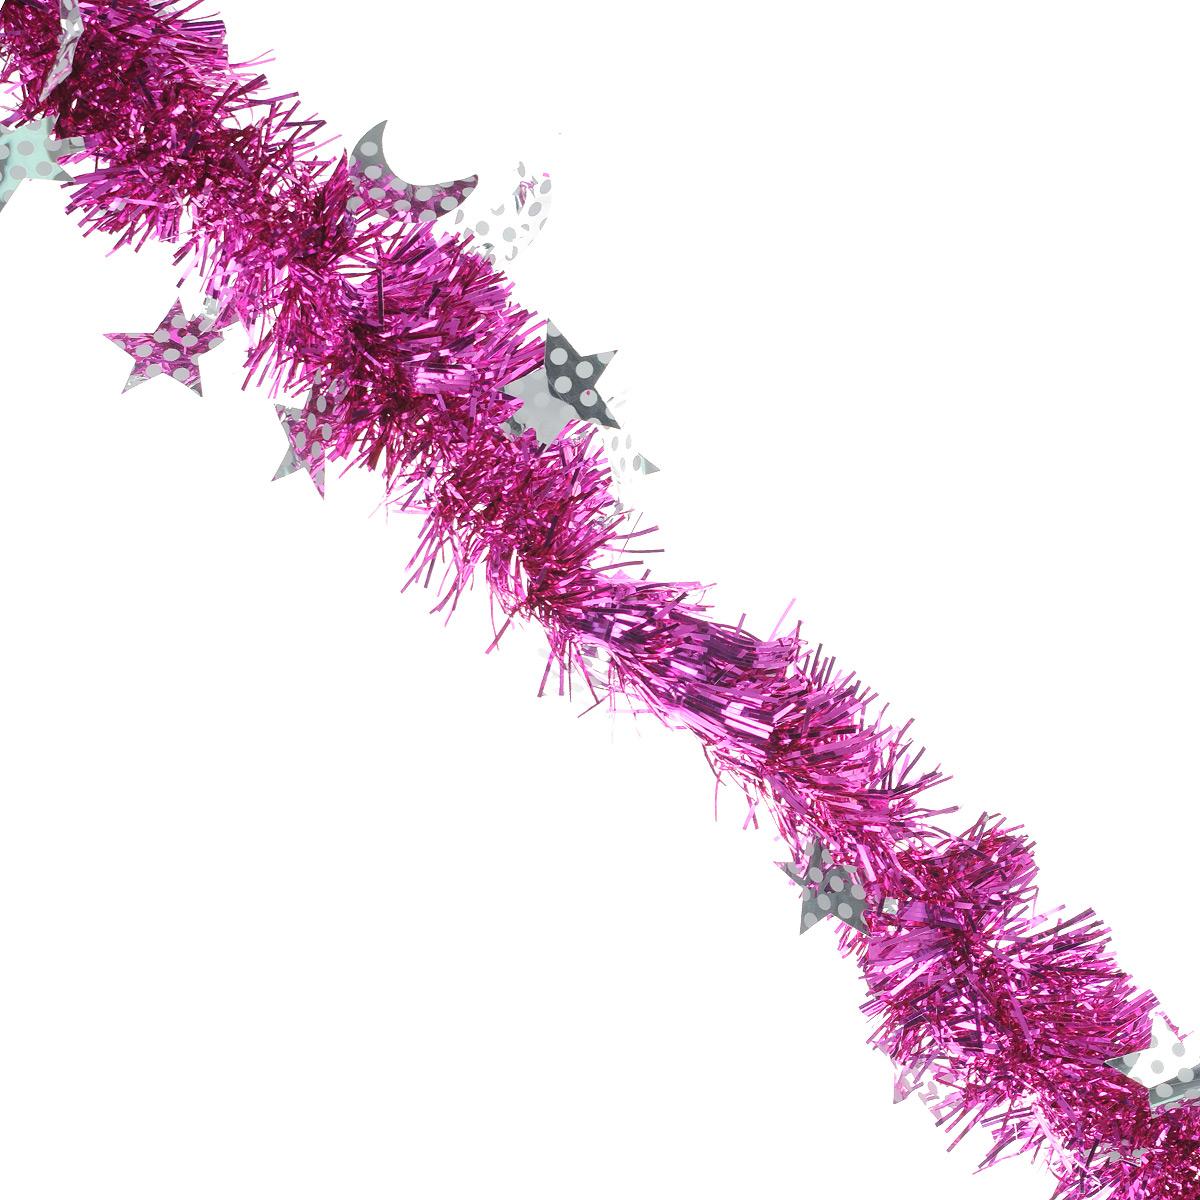 Мишура новогодняя Sima-land, цвет: серебристый, фиолетовый, диаметр 6 см, длина 2 м. 825974 мишура новогодняя sima land цвет золотистый красный диаметр 7 см длина 2 м 279377